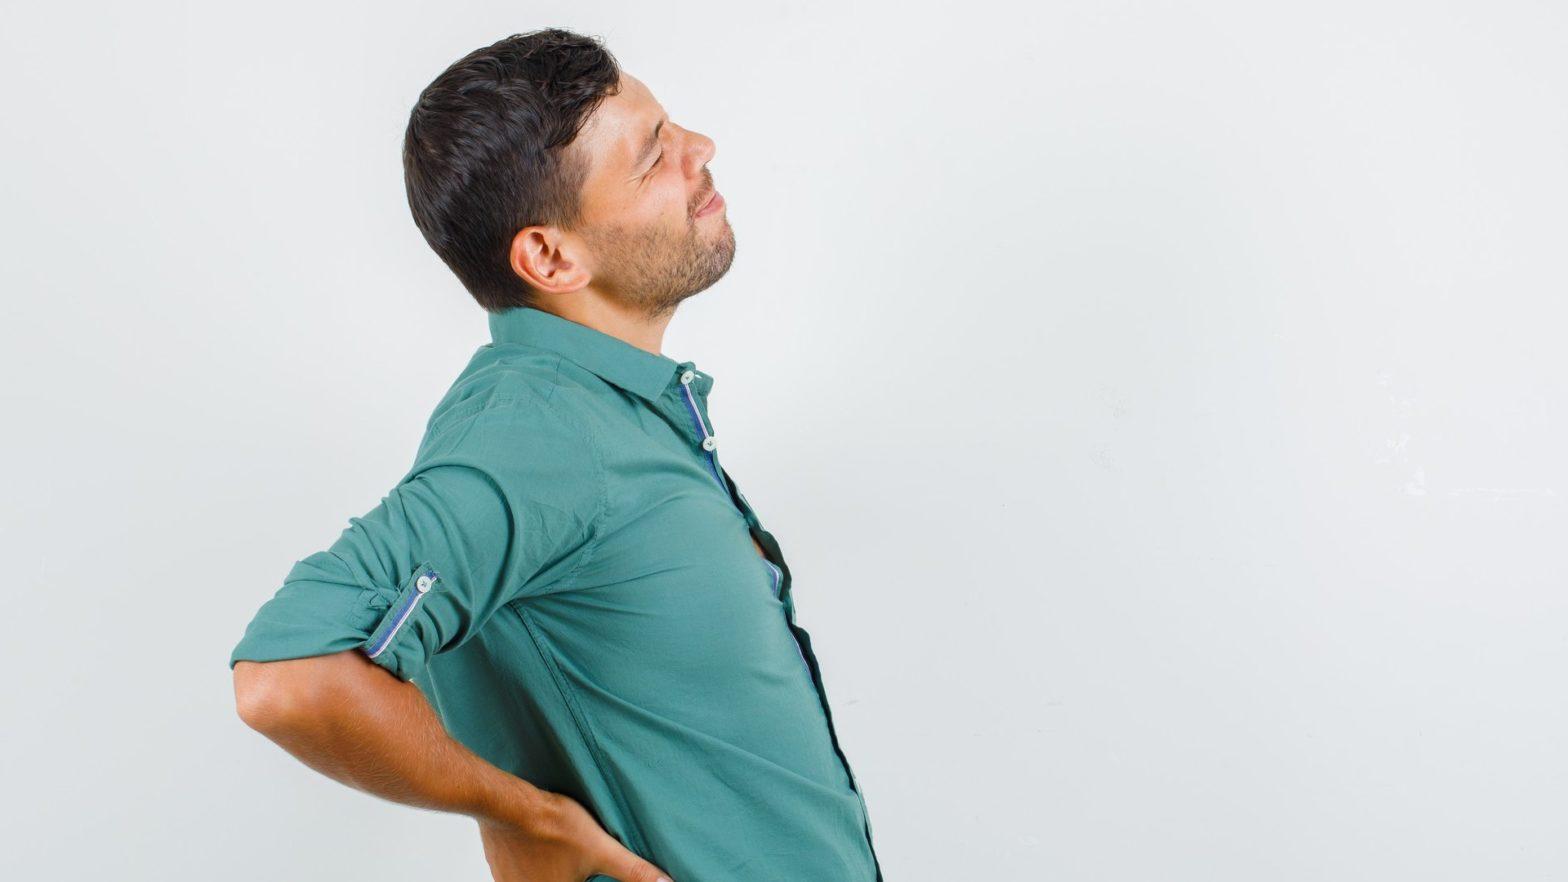 Homem com as mãos apoiadas na lombar com expressão de dor.